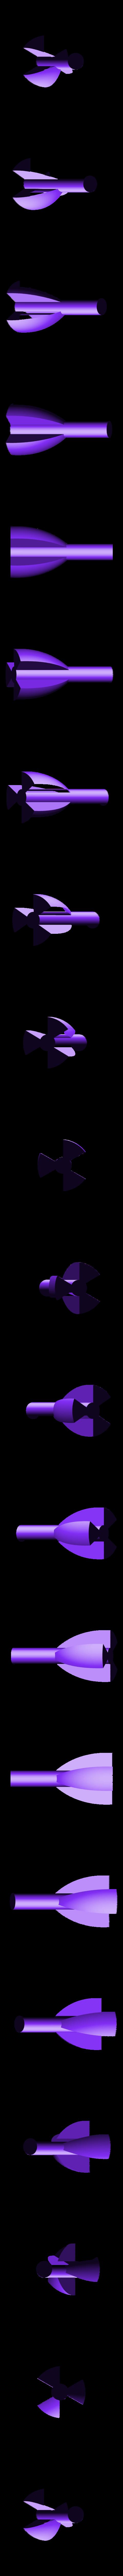 led_holder_vase_mode.stl Download free STL file Servo Flower • 3D printing model, Job